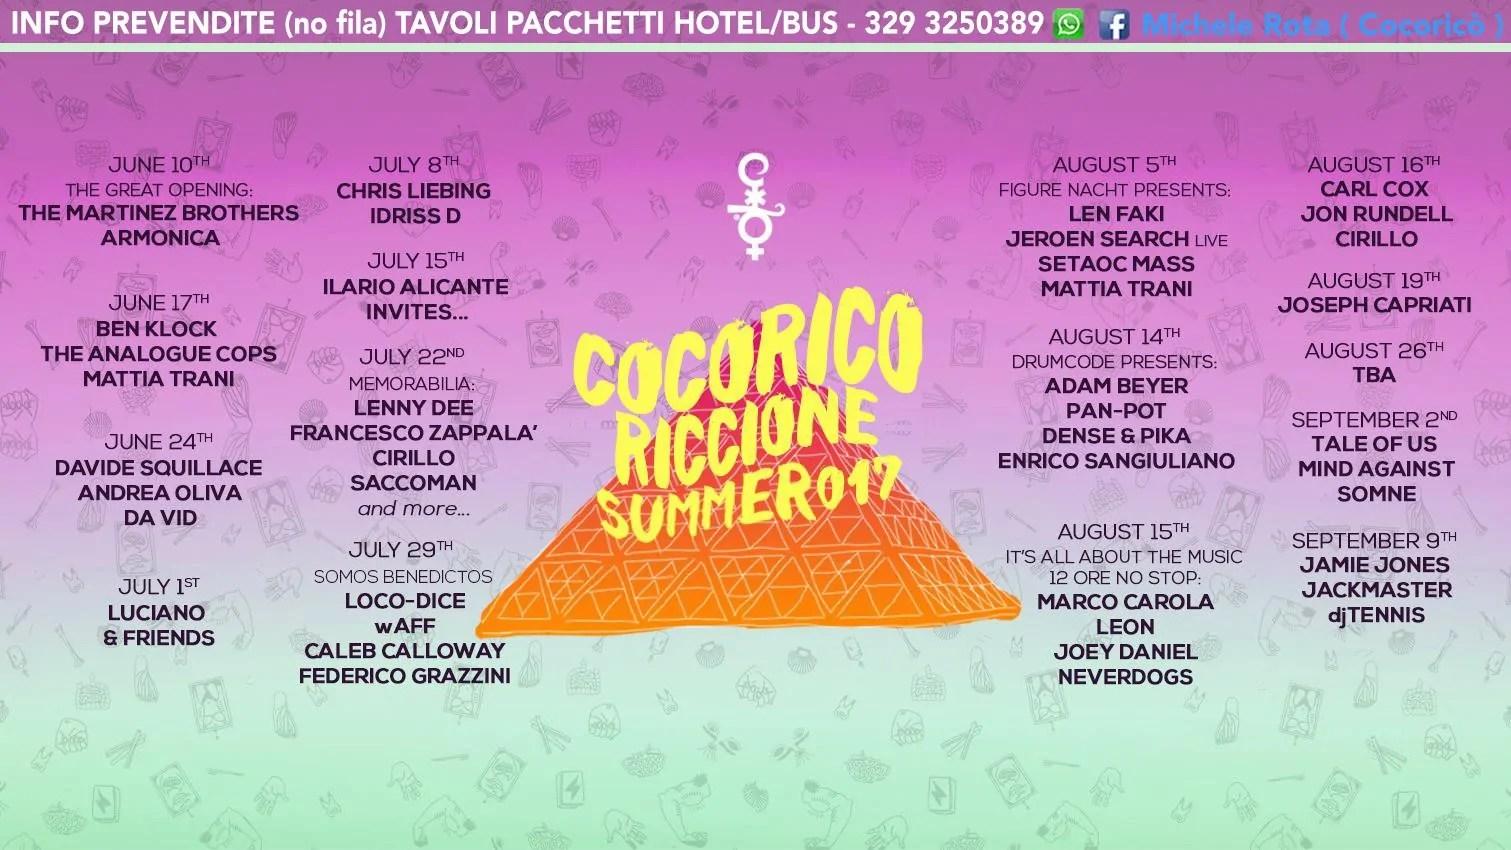 29 07 2017 LOCO DICE COCORICÒ Riccione PREZZI + Ticket + PREVENDITE BIGLIETTI TAVOLI HOTEL + PULLMAN